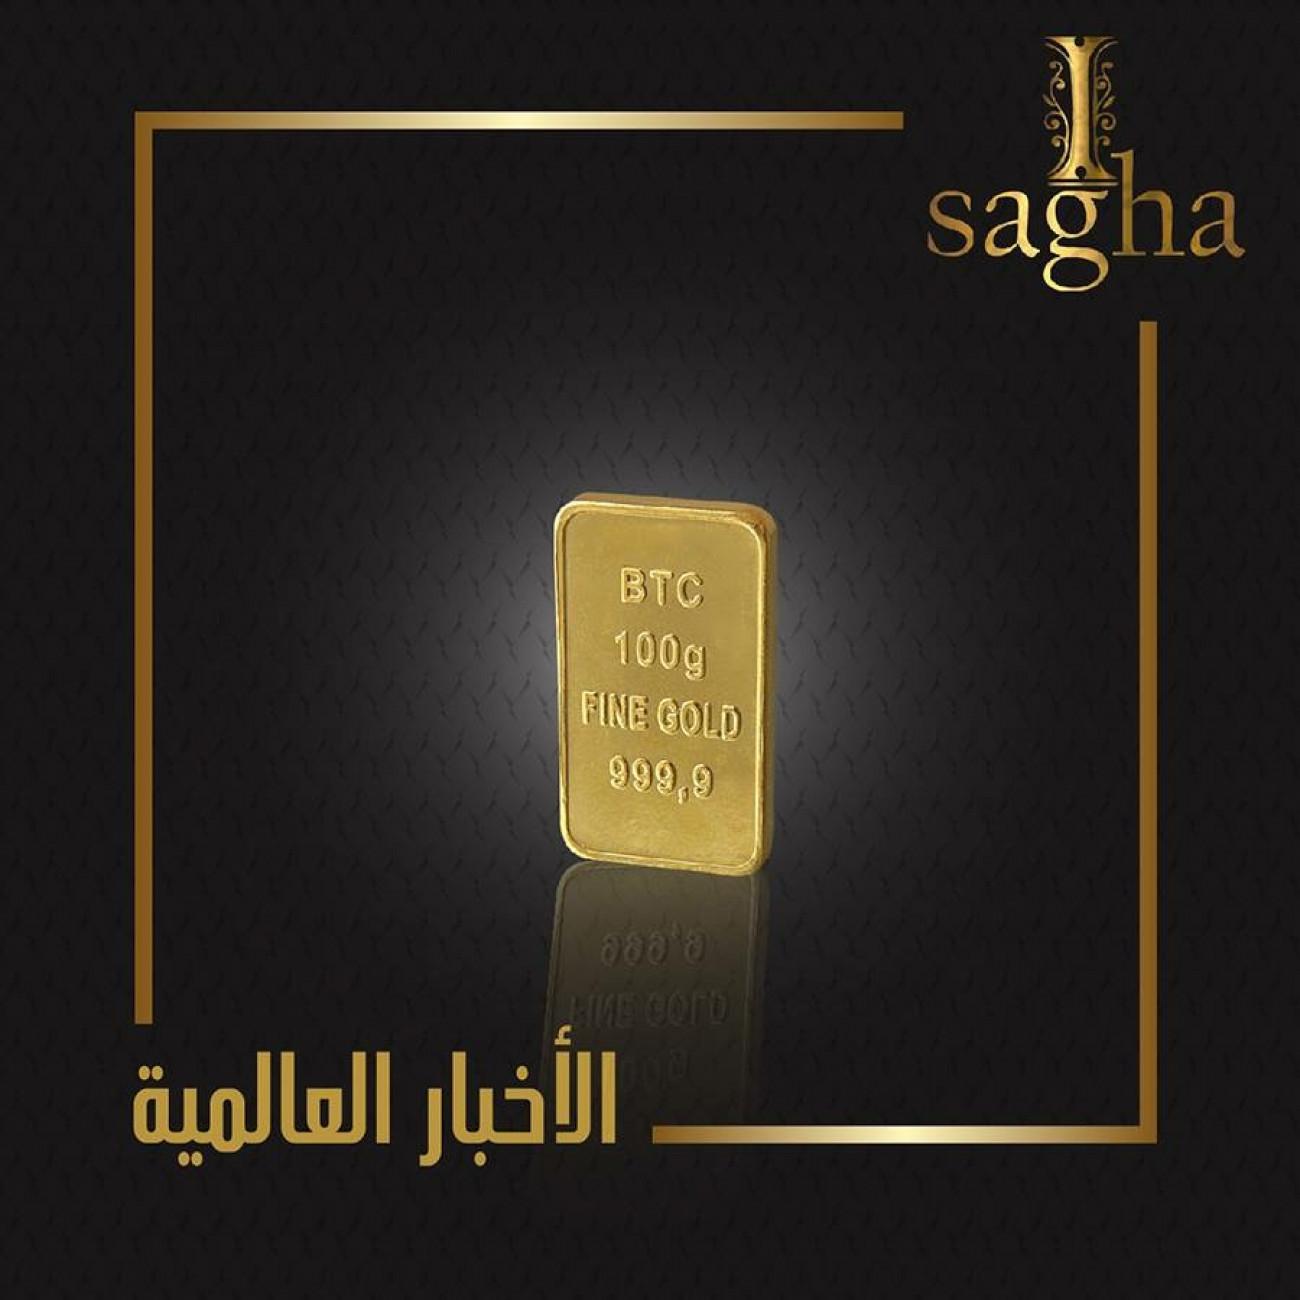 تأثير نتائج الاخبار العالميه على الذهب